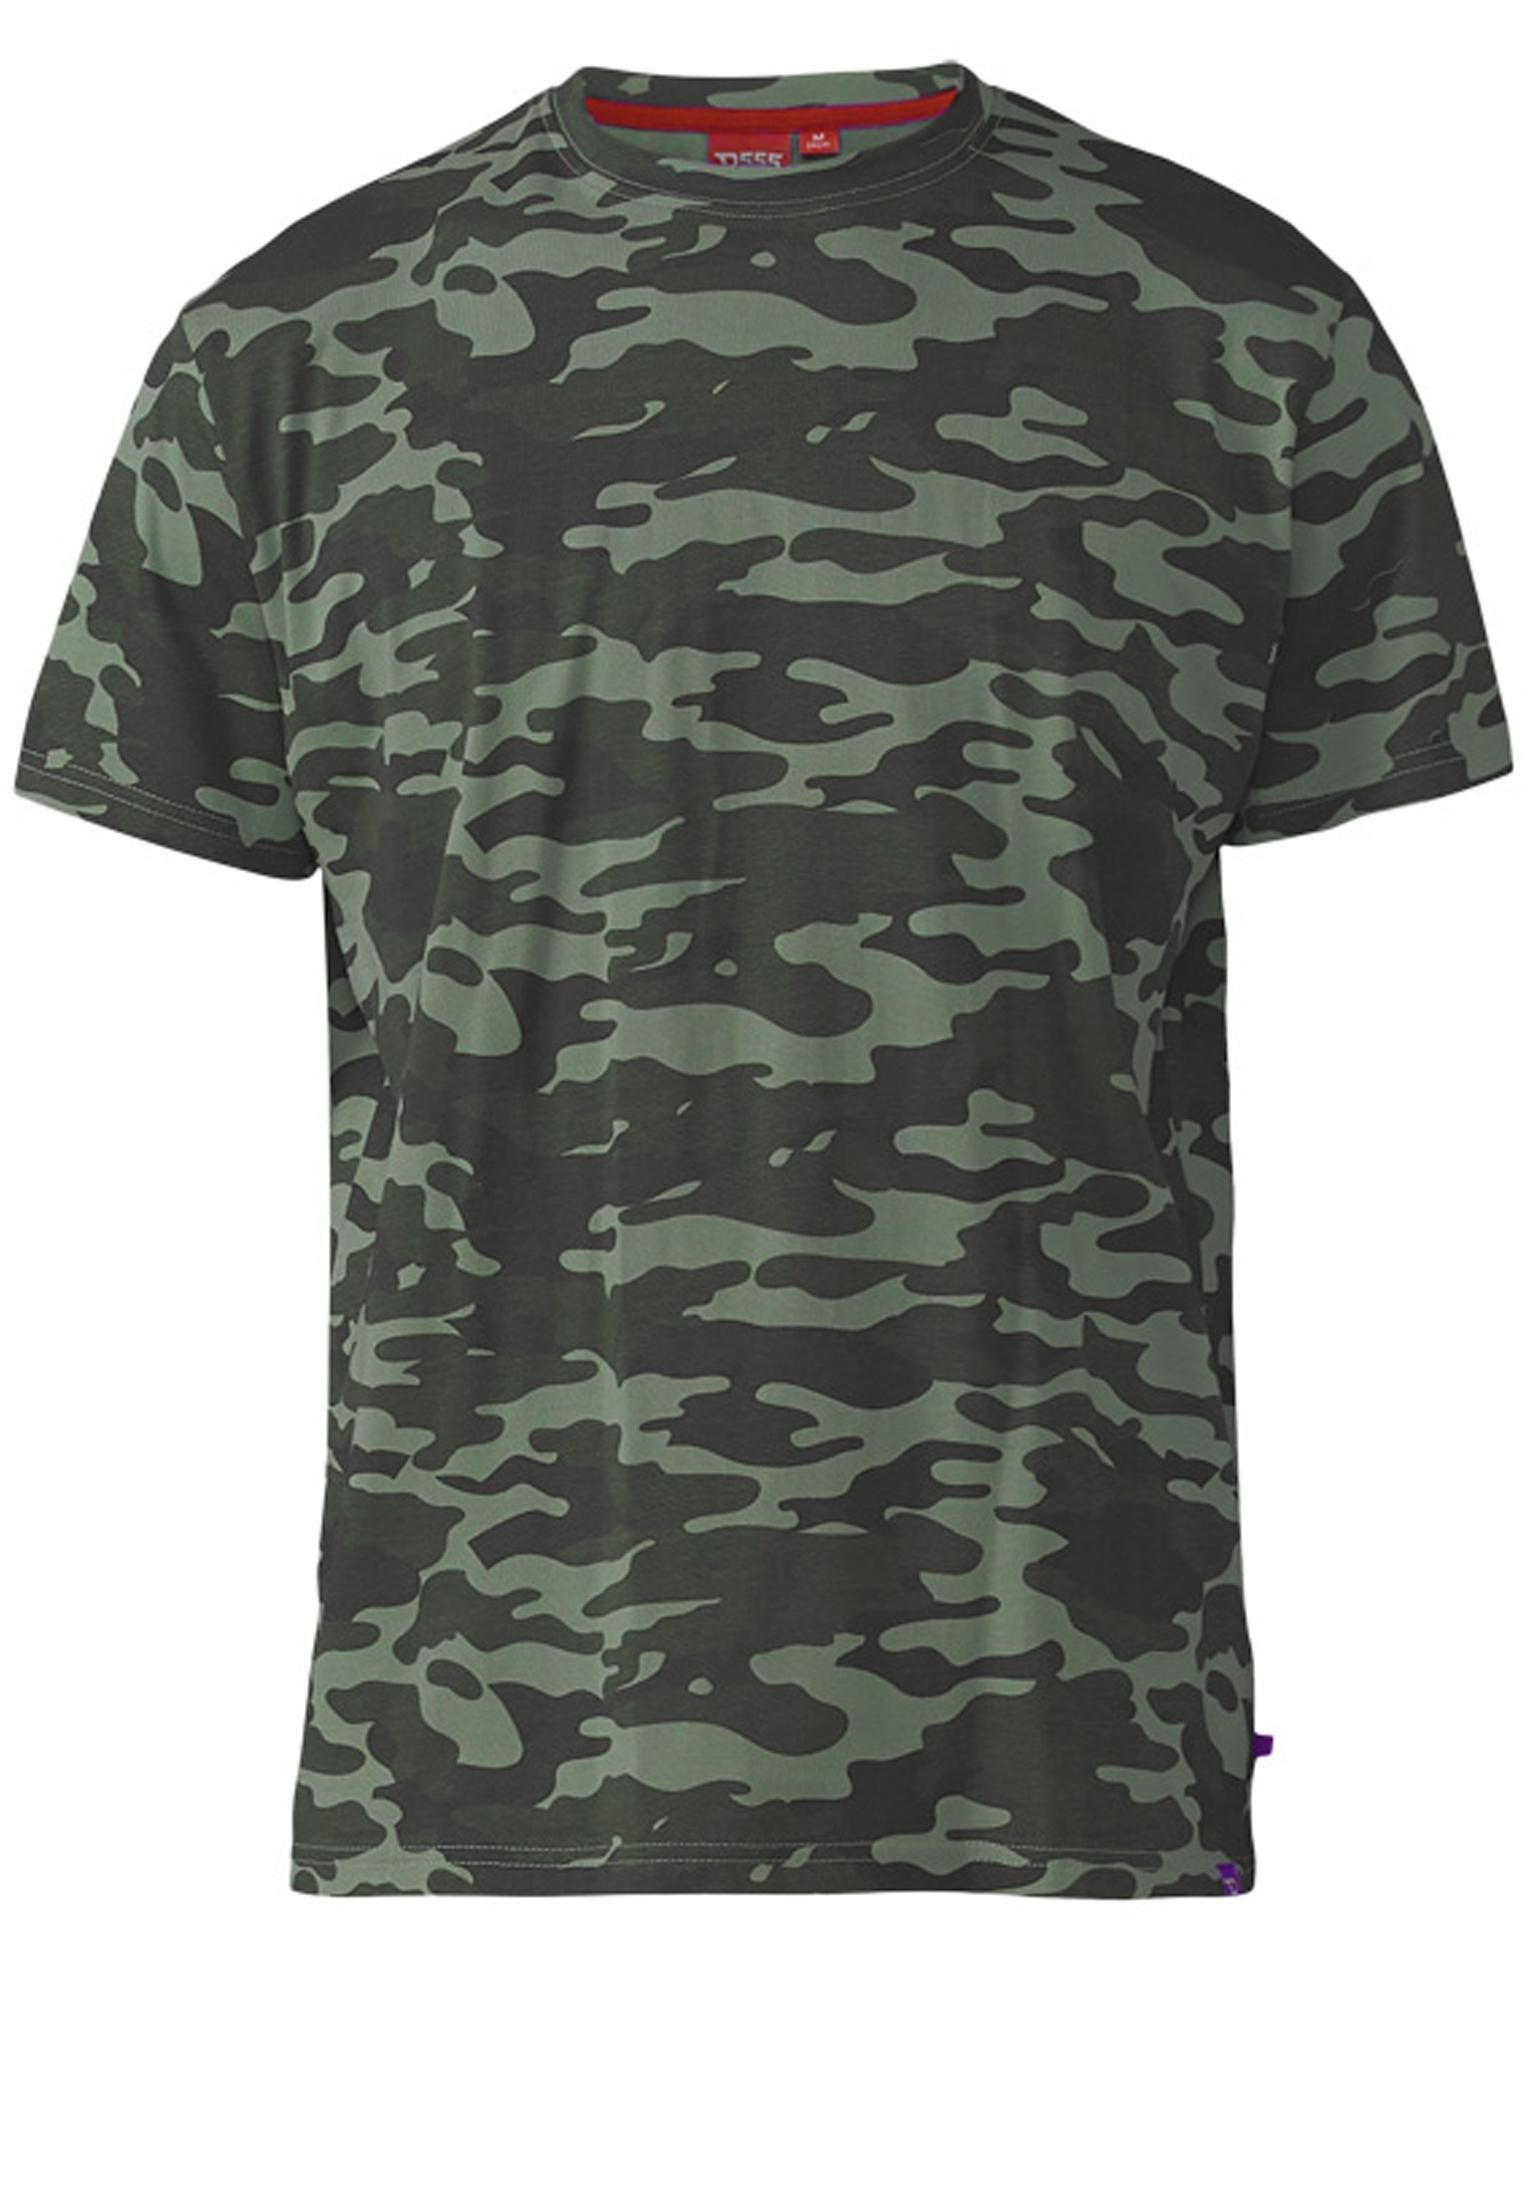 D555 t-shirt voor de stoere mannen onder ons is dit t-shirt een echte aanrader. Leuk te combineren met een effen short of jeans.